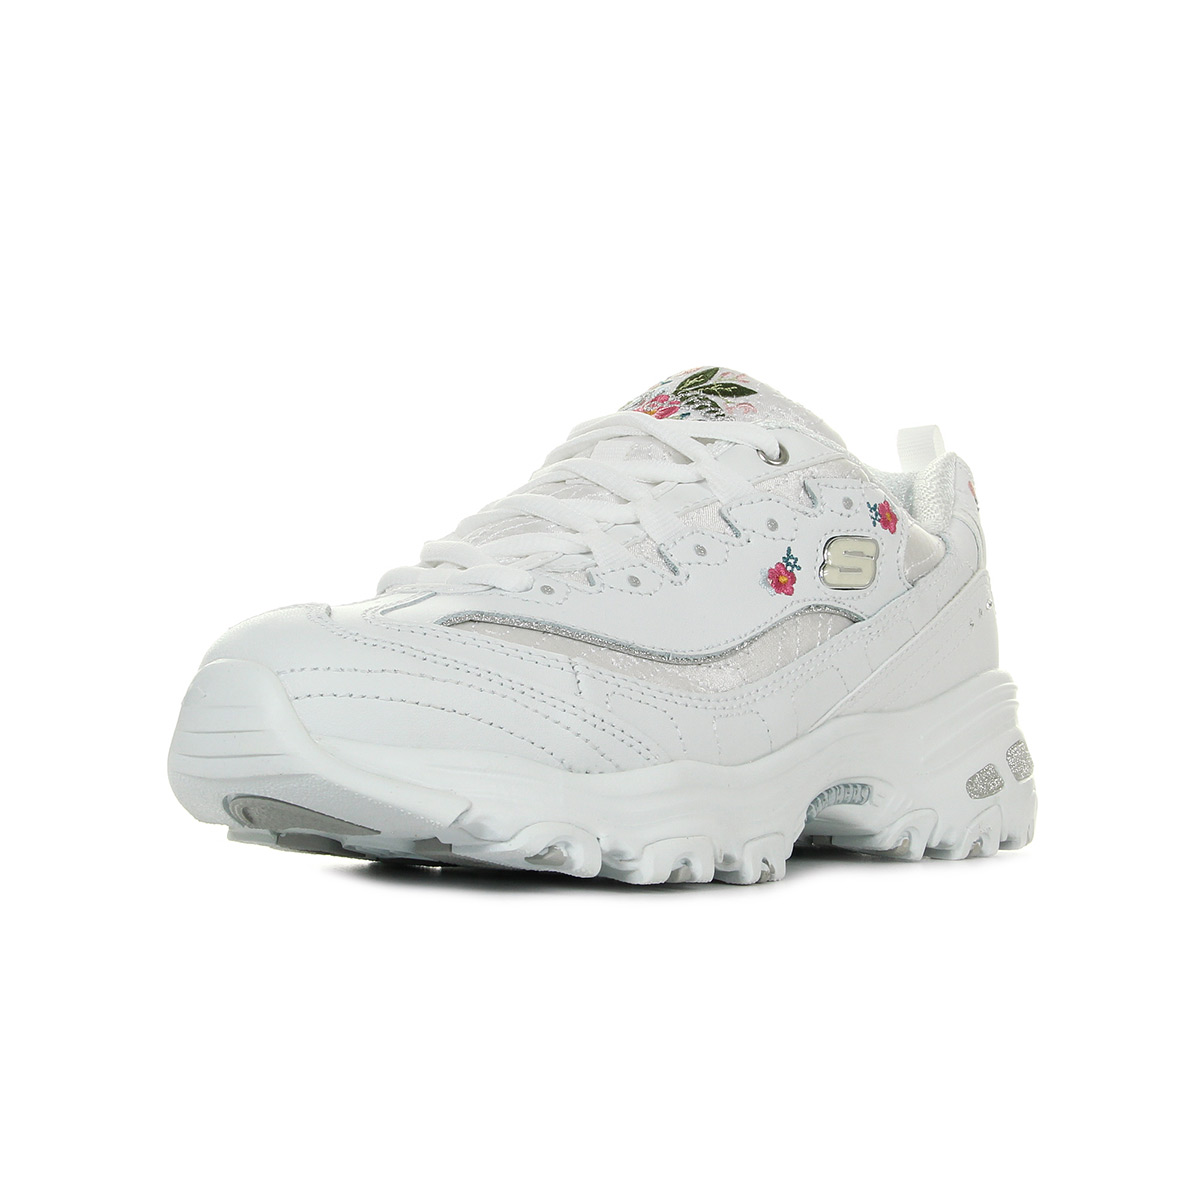 Skechers chaussures bottes à lacets confortables chaussures de sport pour femmes noir blanc